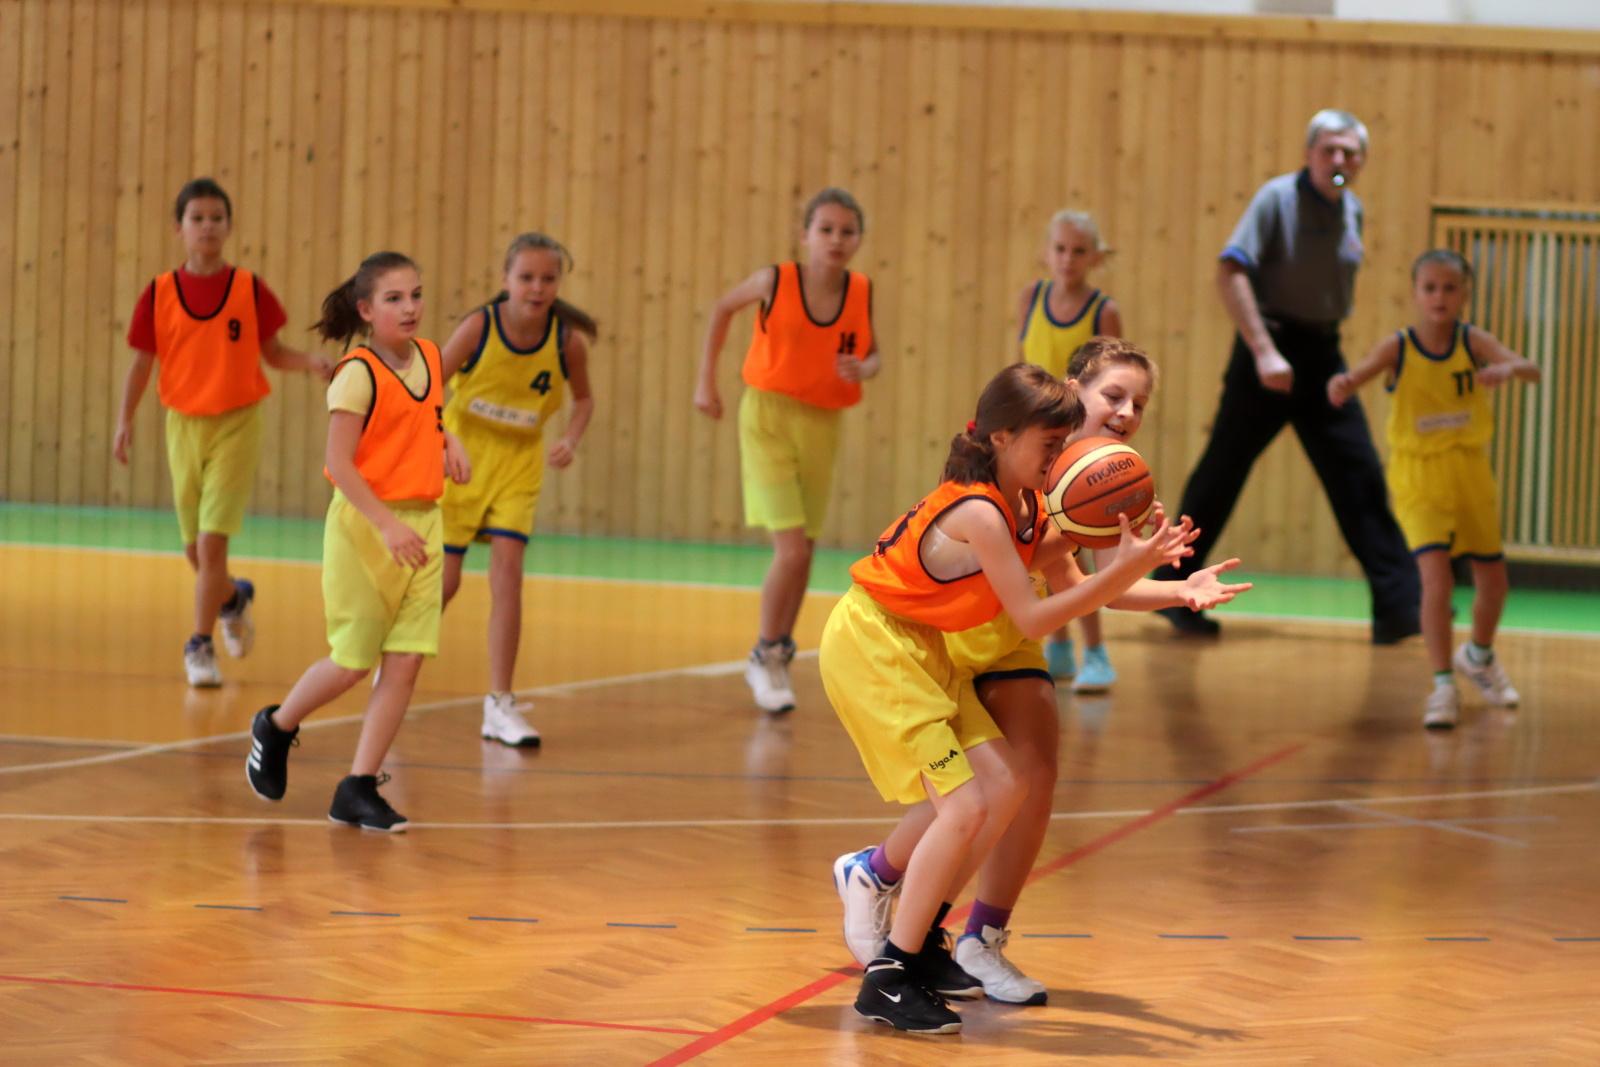 zvolen-banska-bystrica-basketbal-mini-ziacky-1